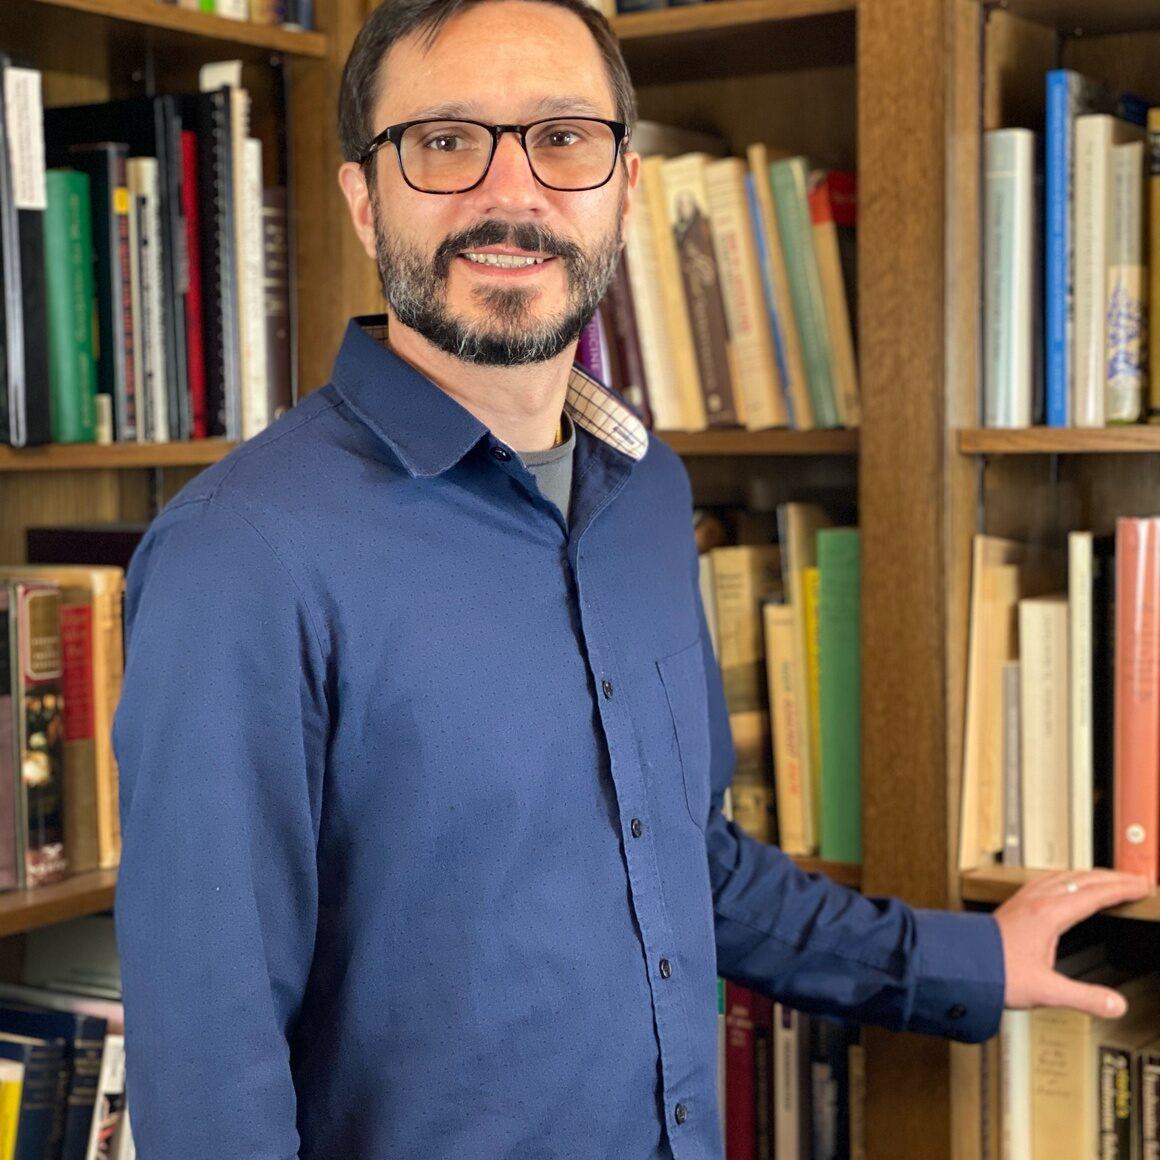 Adrian Fischer, Curator of Exhibits and Collections, The Bakken Museum